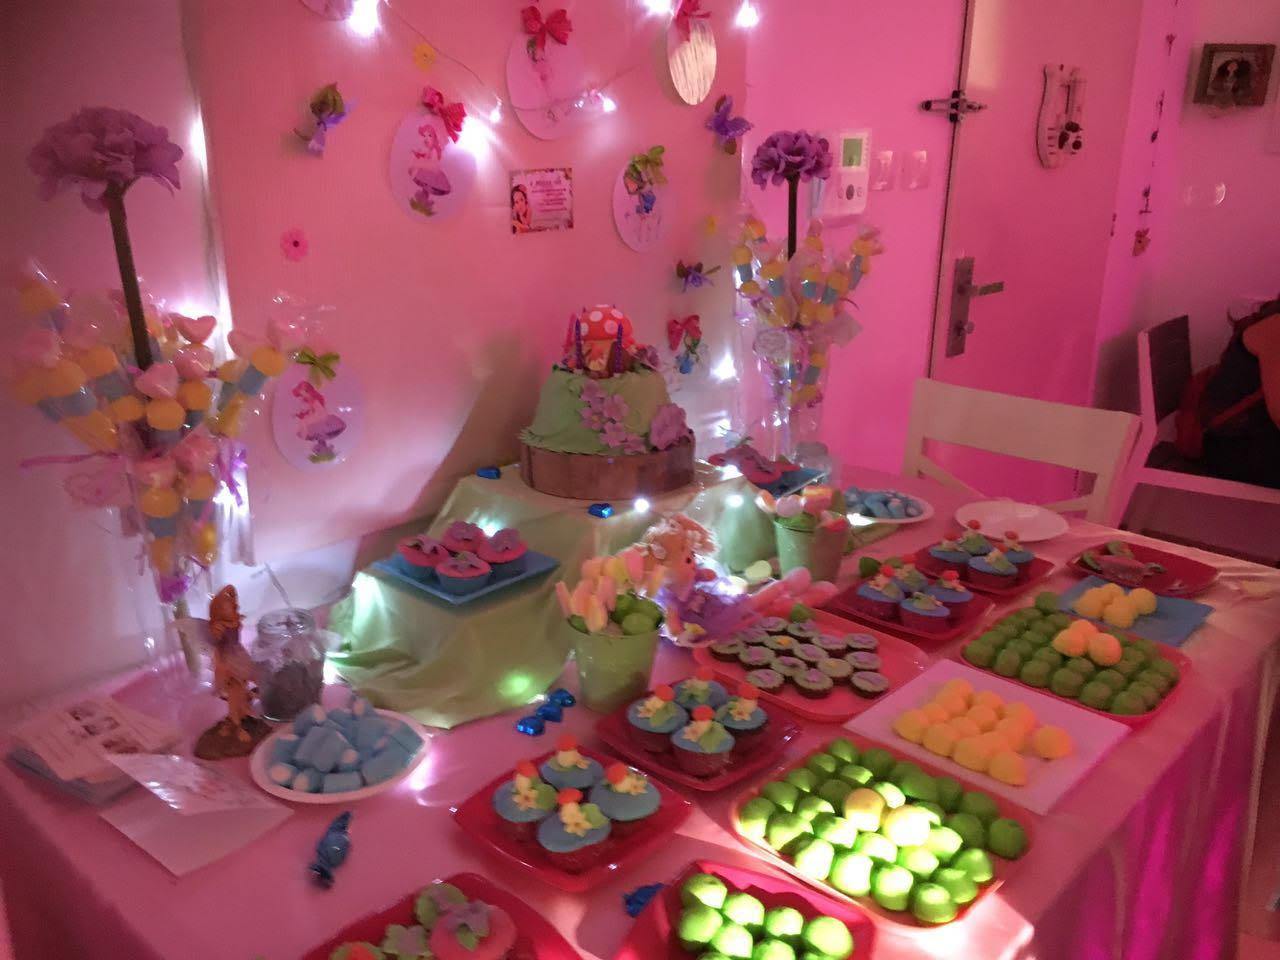 יום הולדת בנות פיות, שולחן מתוק ליום הולדת